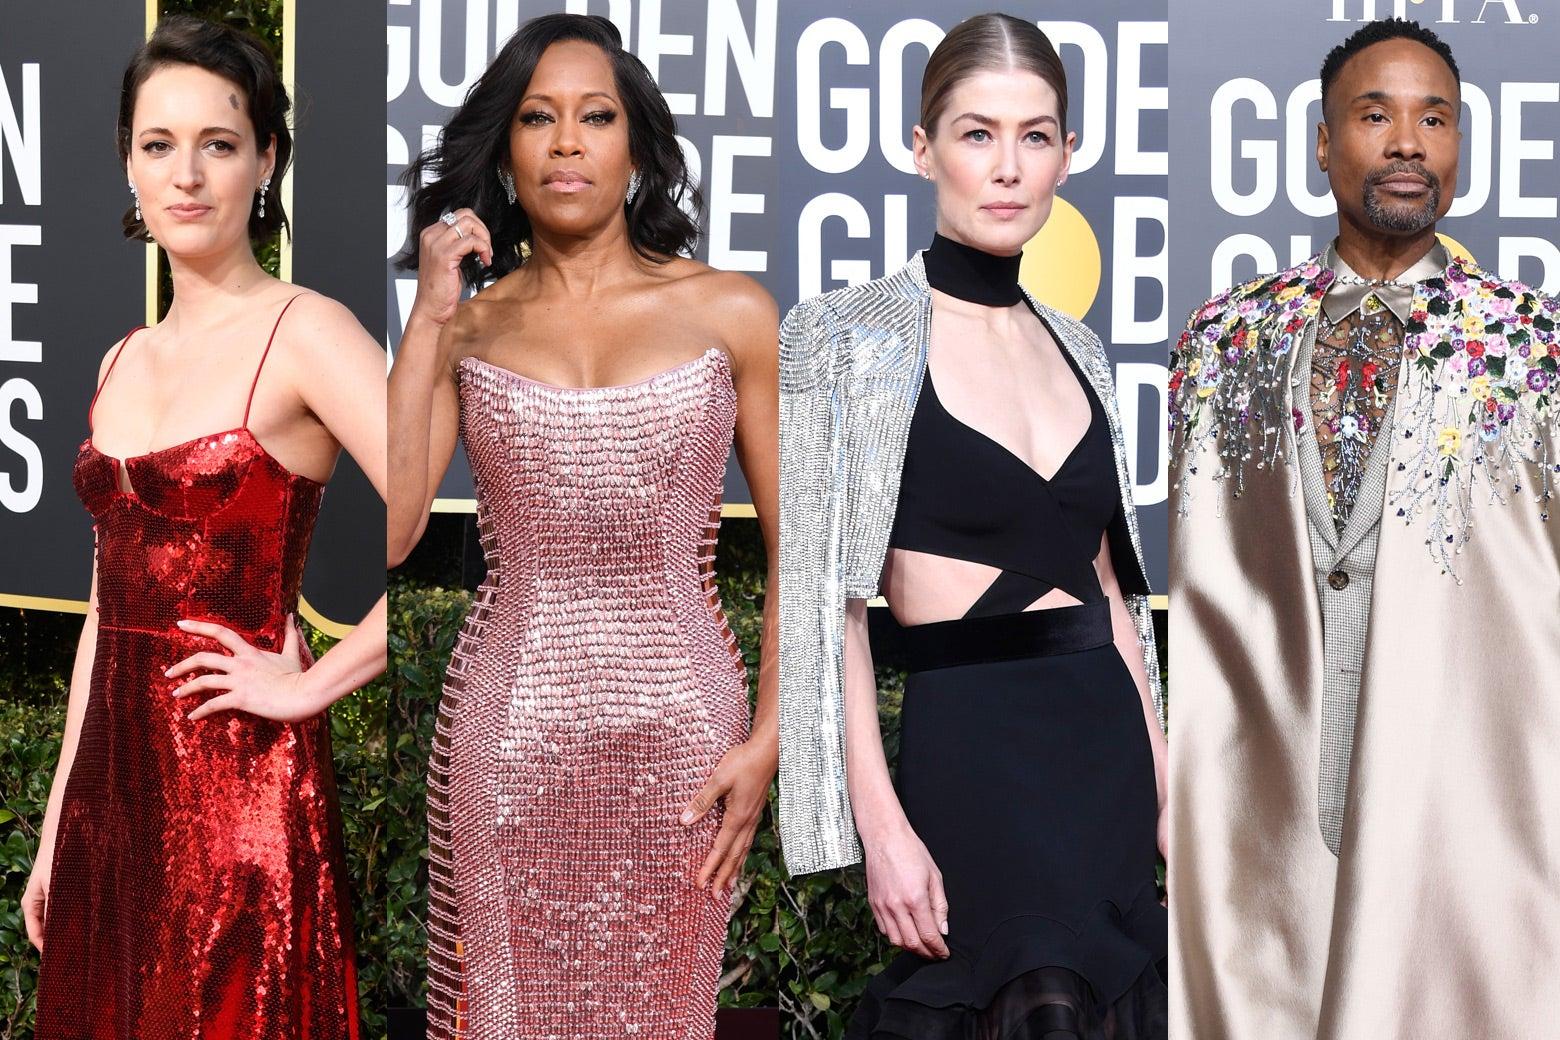 Phoebe Waller-Bridge, Regina King, Rosamund Pike, and Billy Porter at the 2019 Golden Globes.